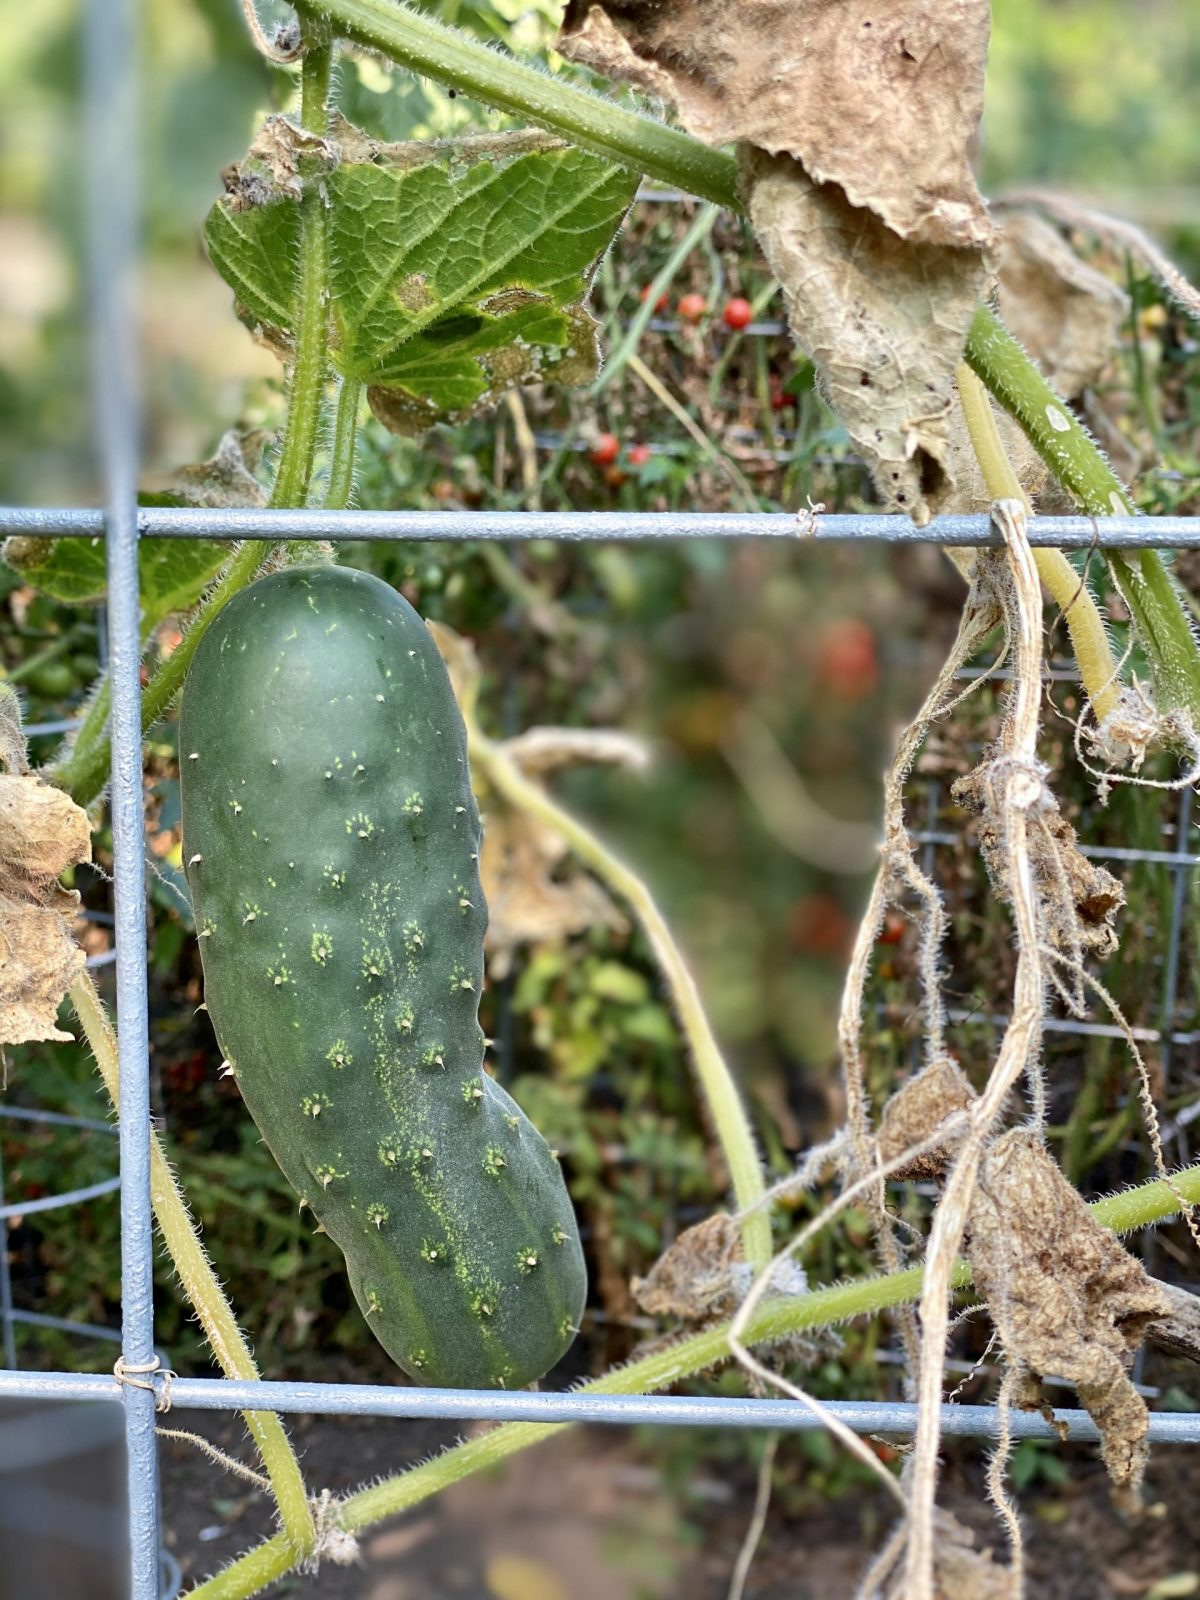 cucumber in the garden